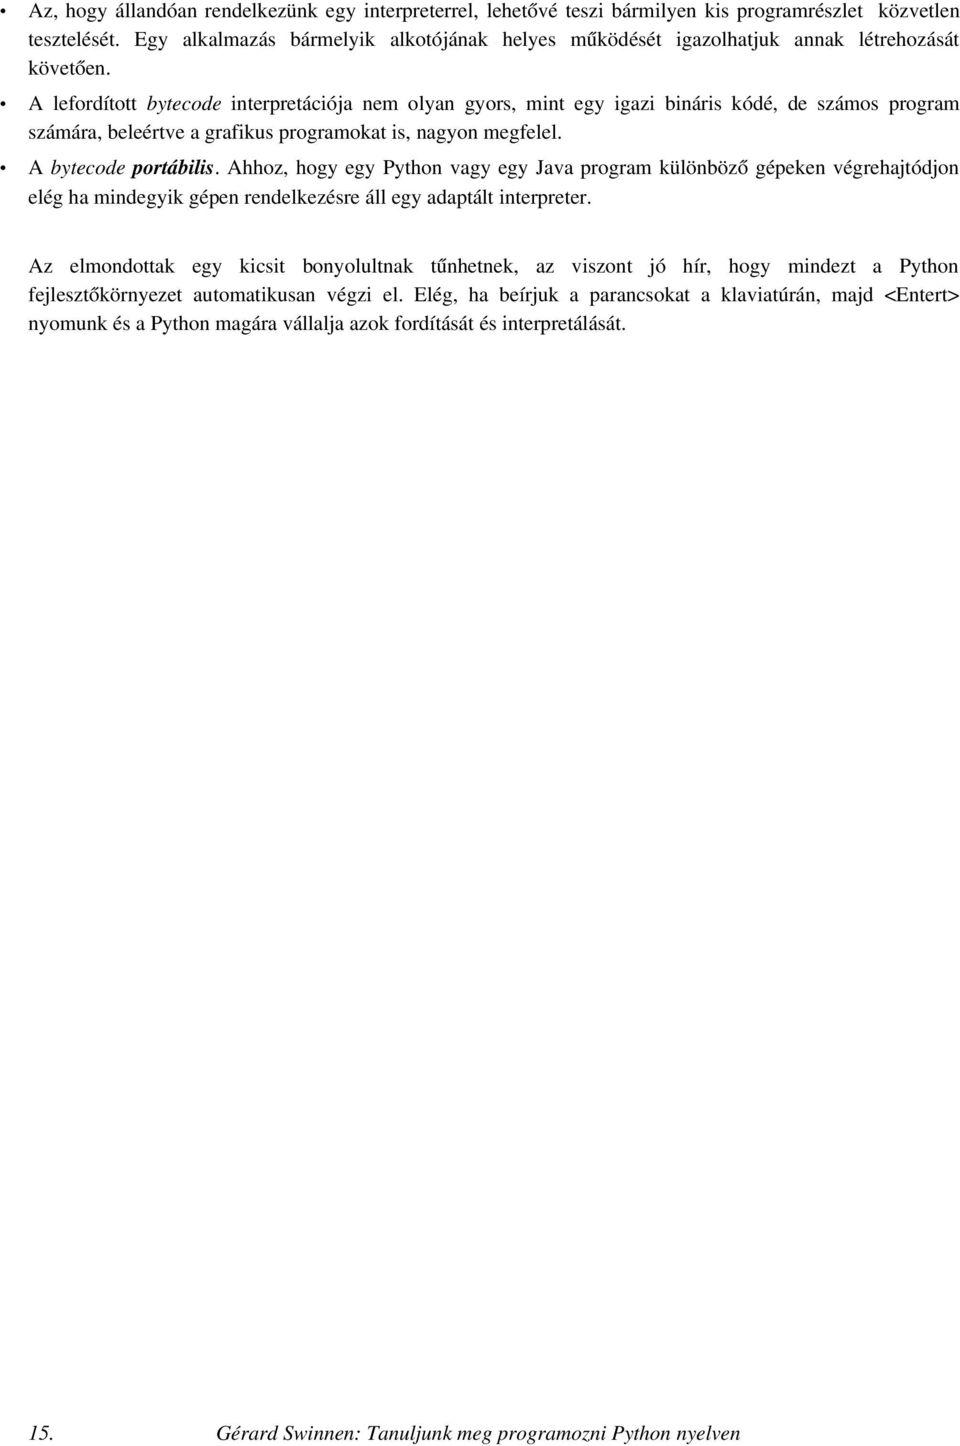 BinaryTrader - vargaspecial.hu